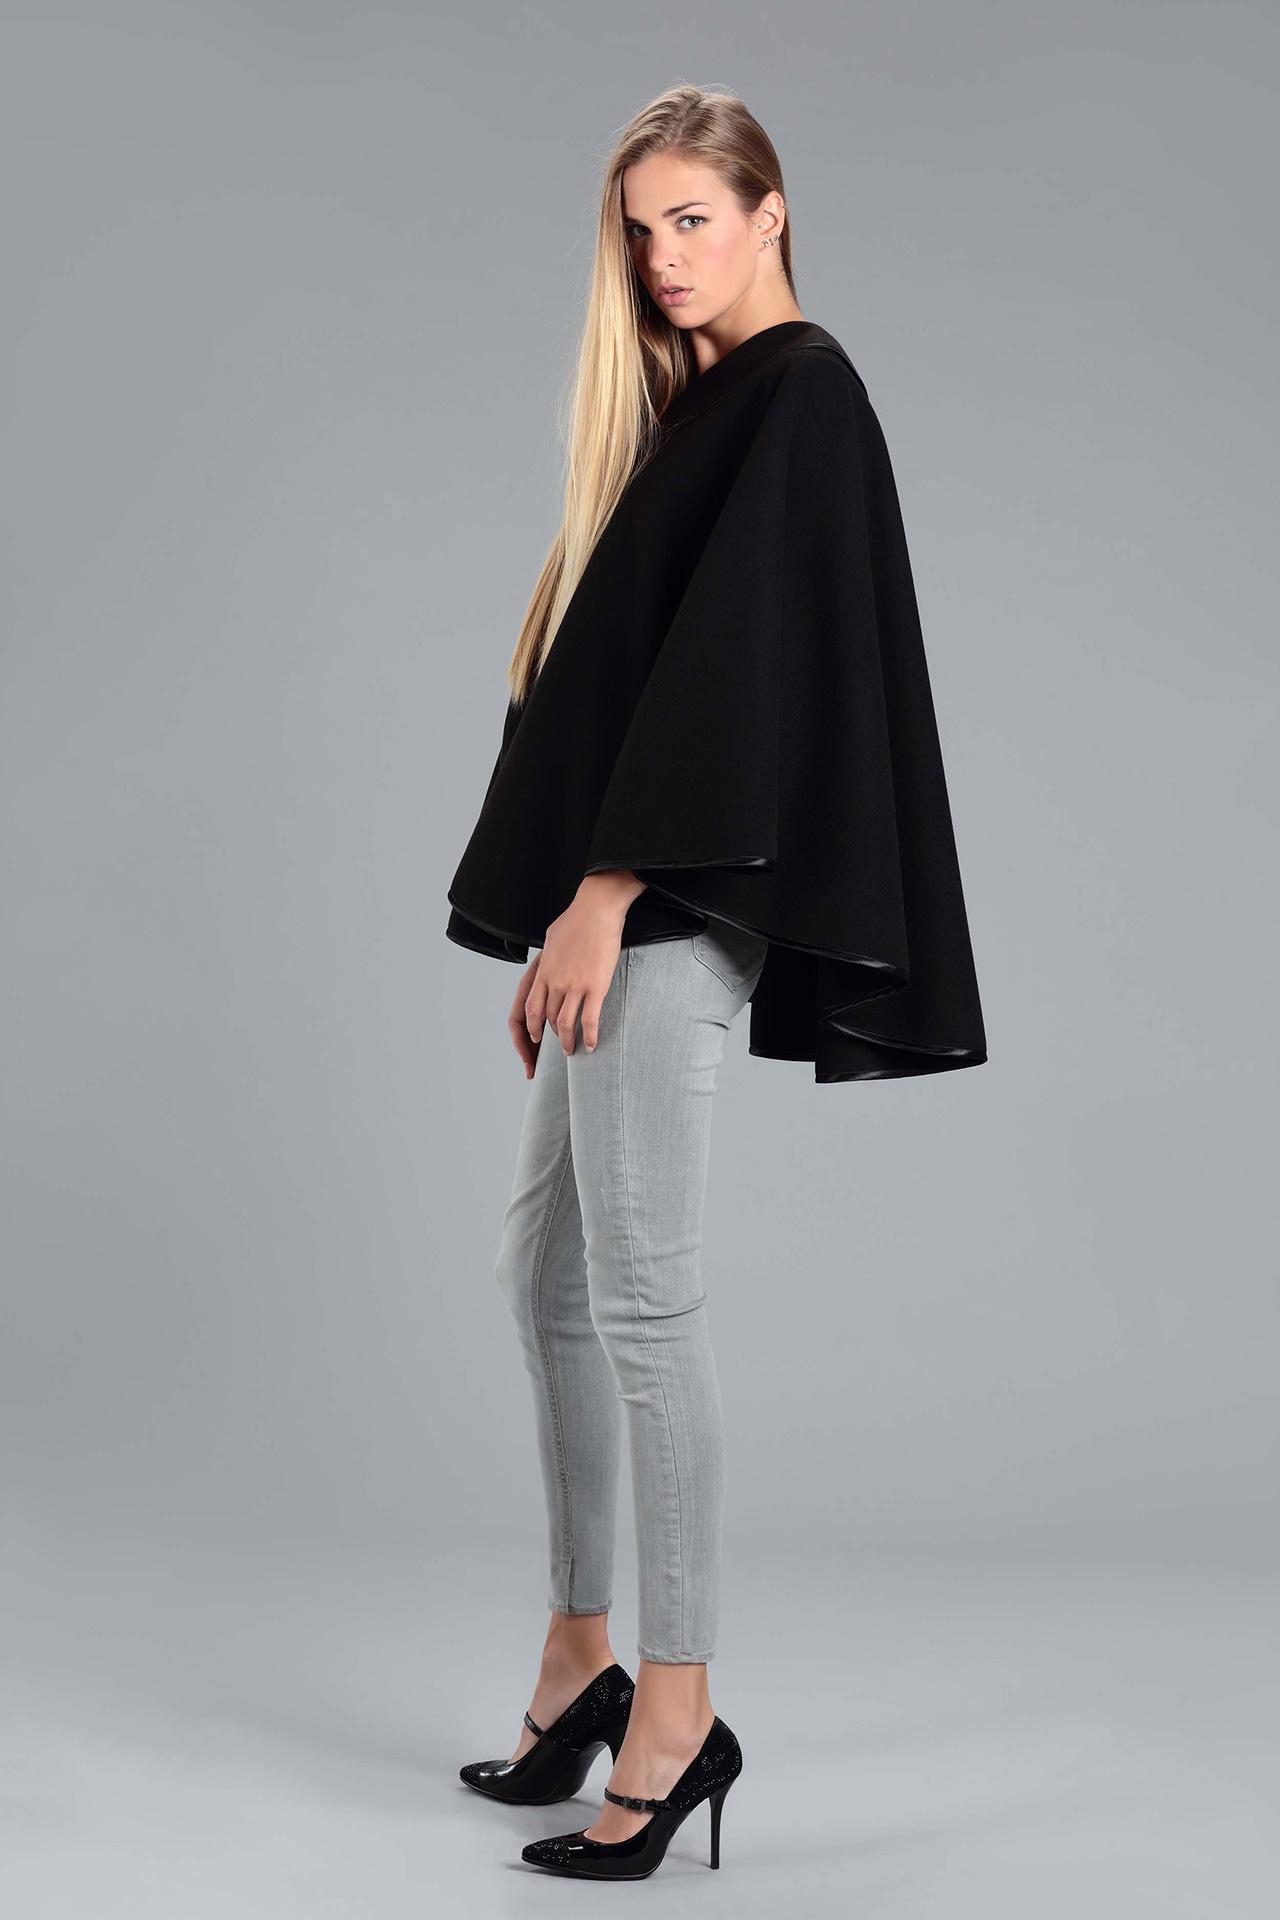 Cape noire femme hiver en lainage avec col asymetrique (Vue de Profil)